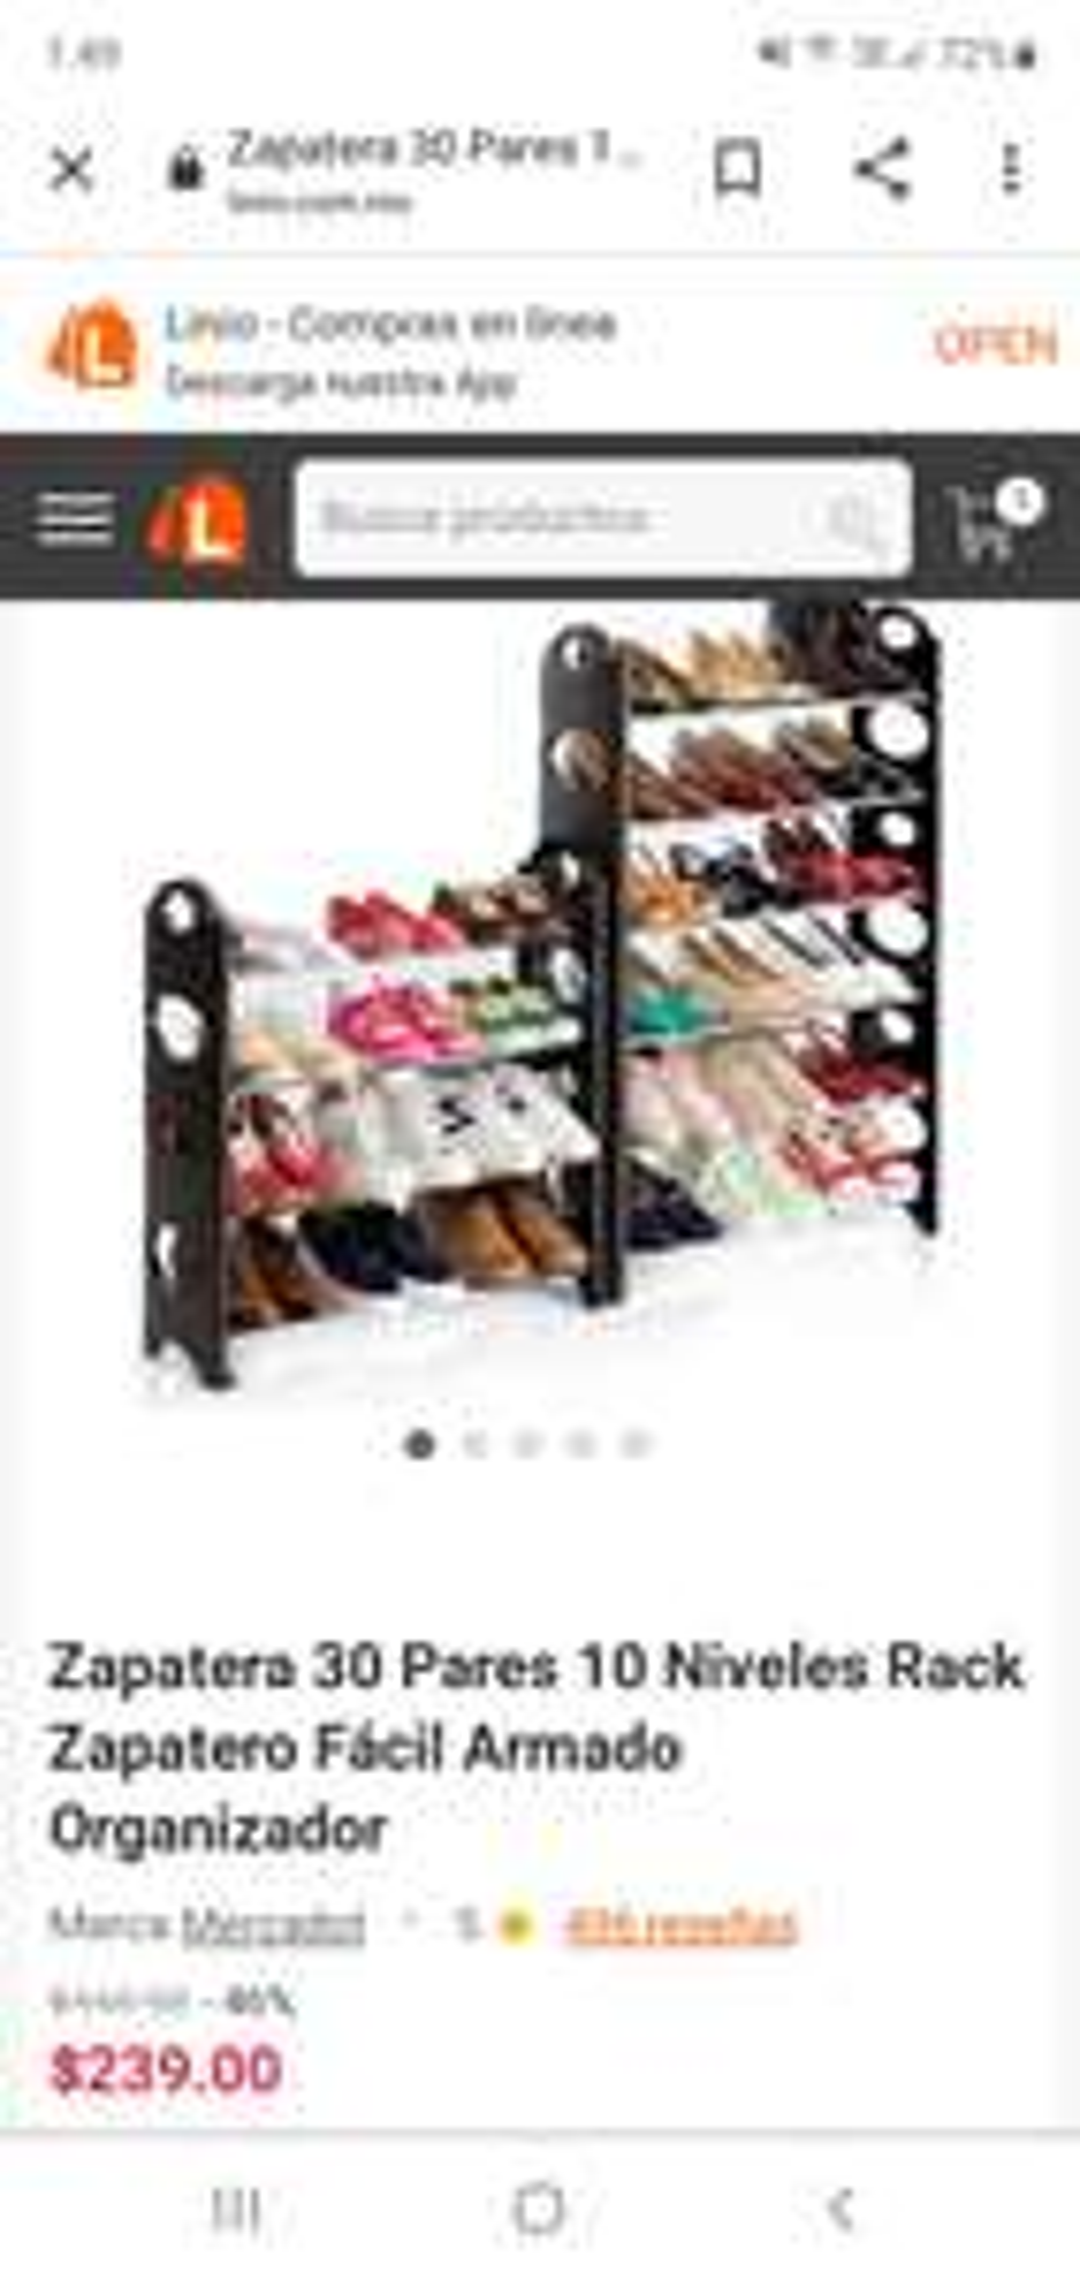 Linio zapatera 30 pares 10 niveles rack